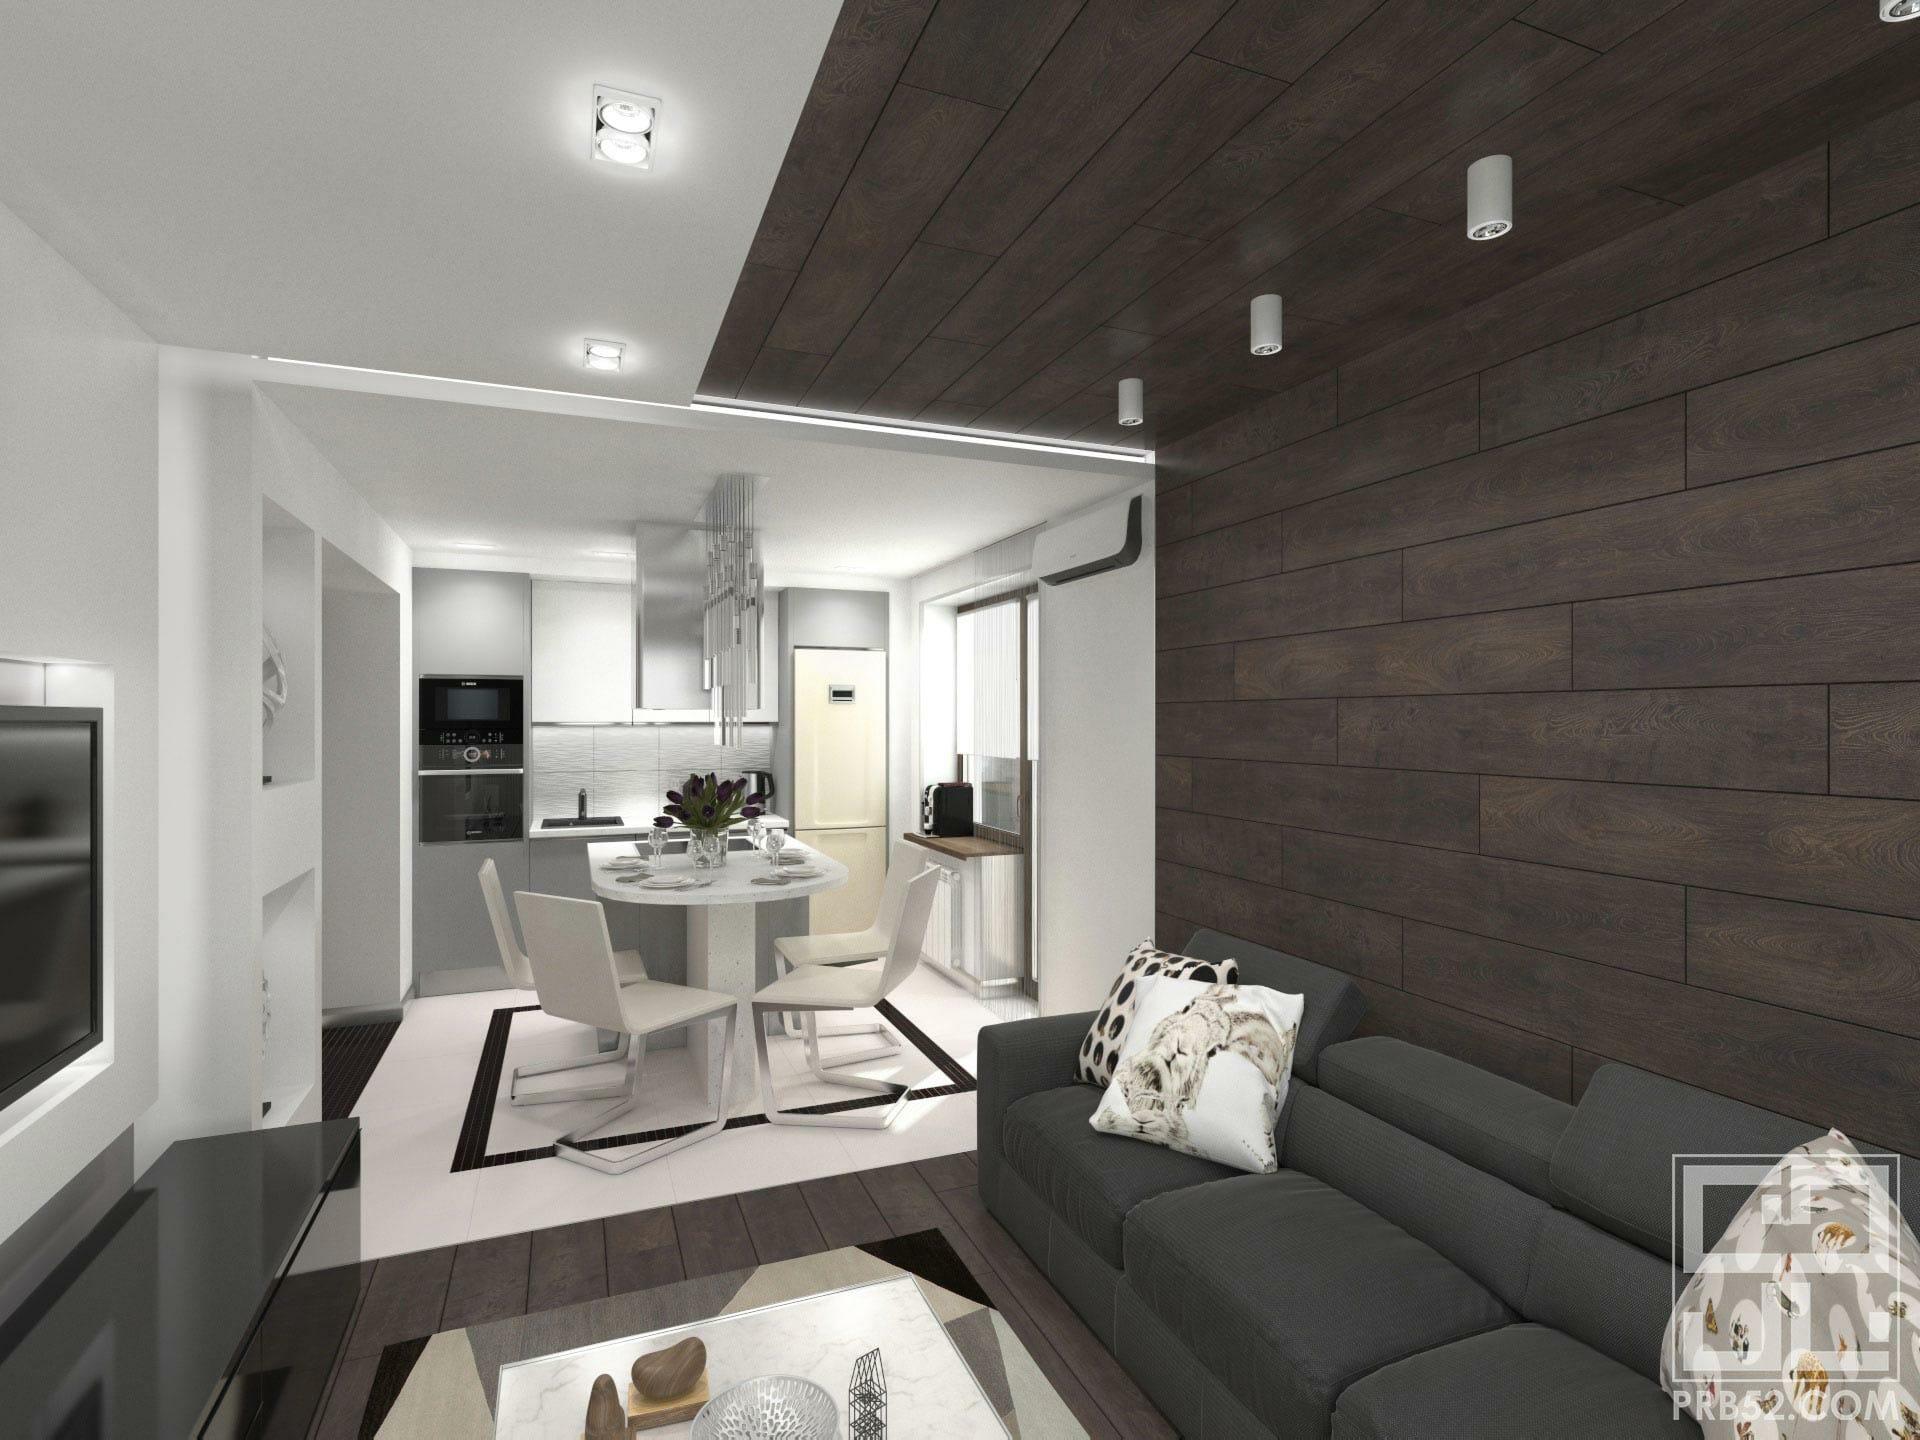 дизайн интерьера гостиной кухни с островом